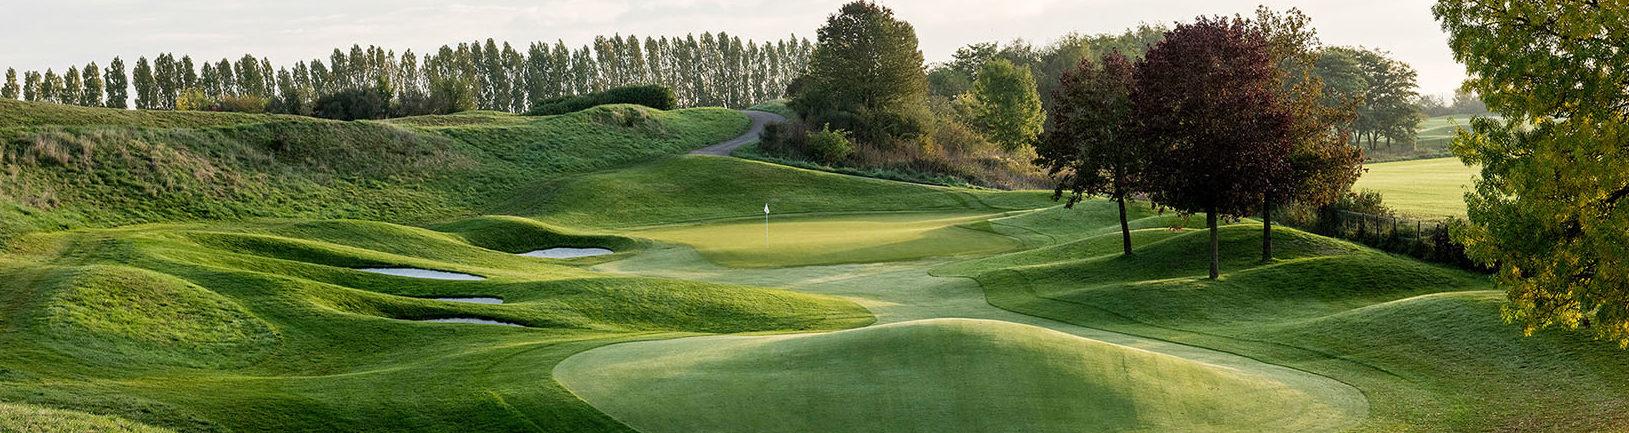 Syngenta Le Golf National 2 mr